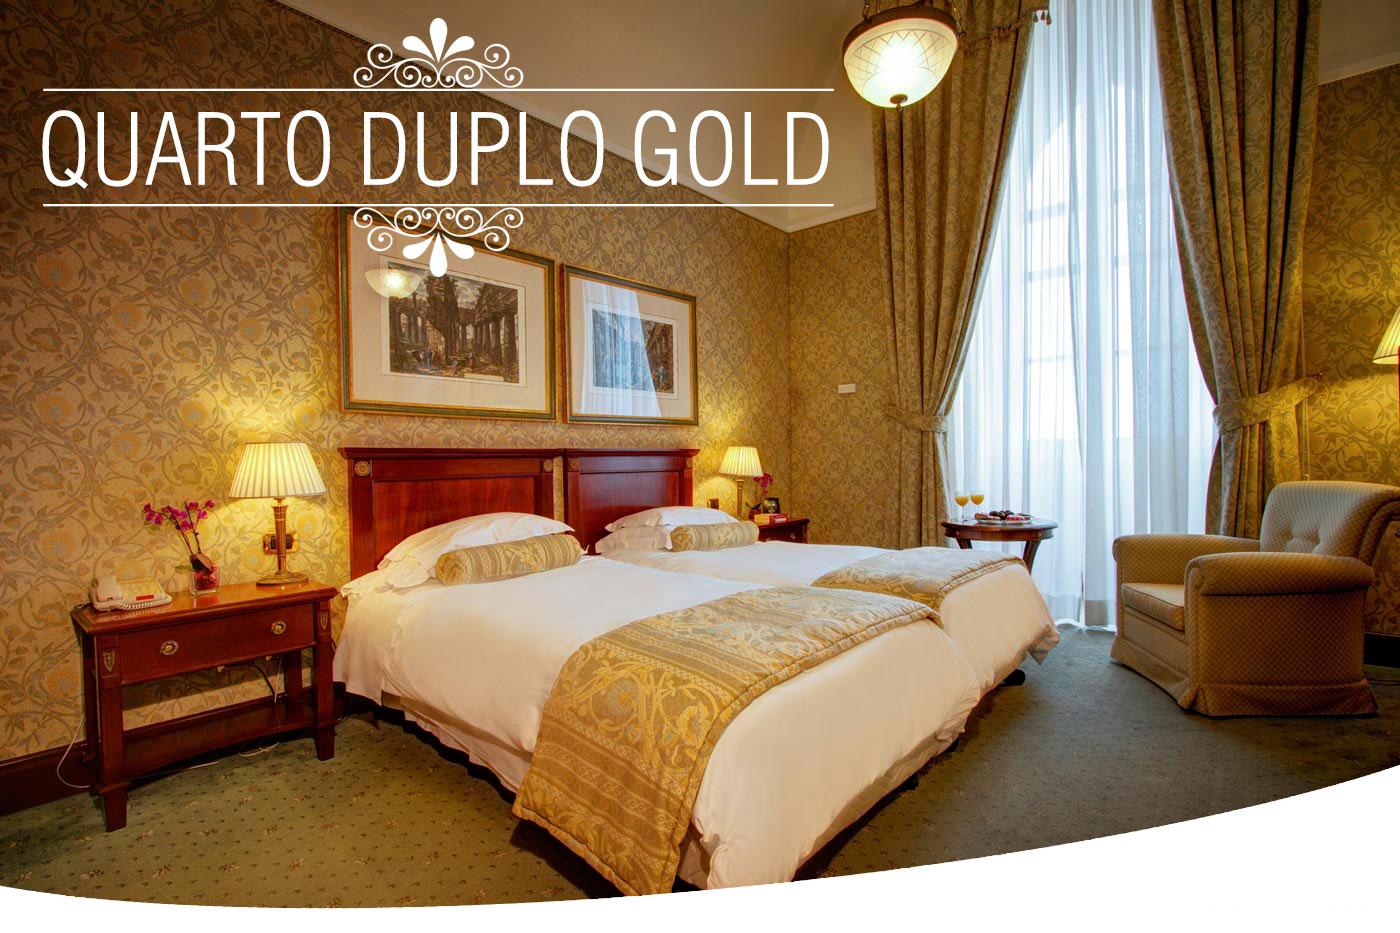 Quarto Duplo Gold